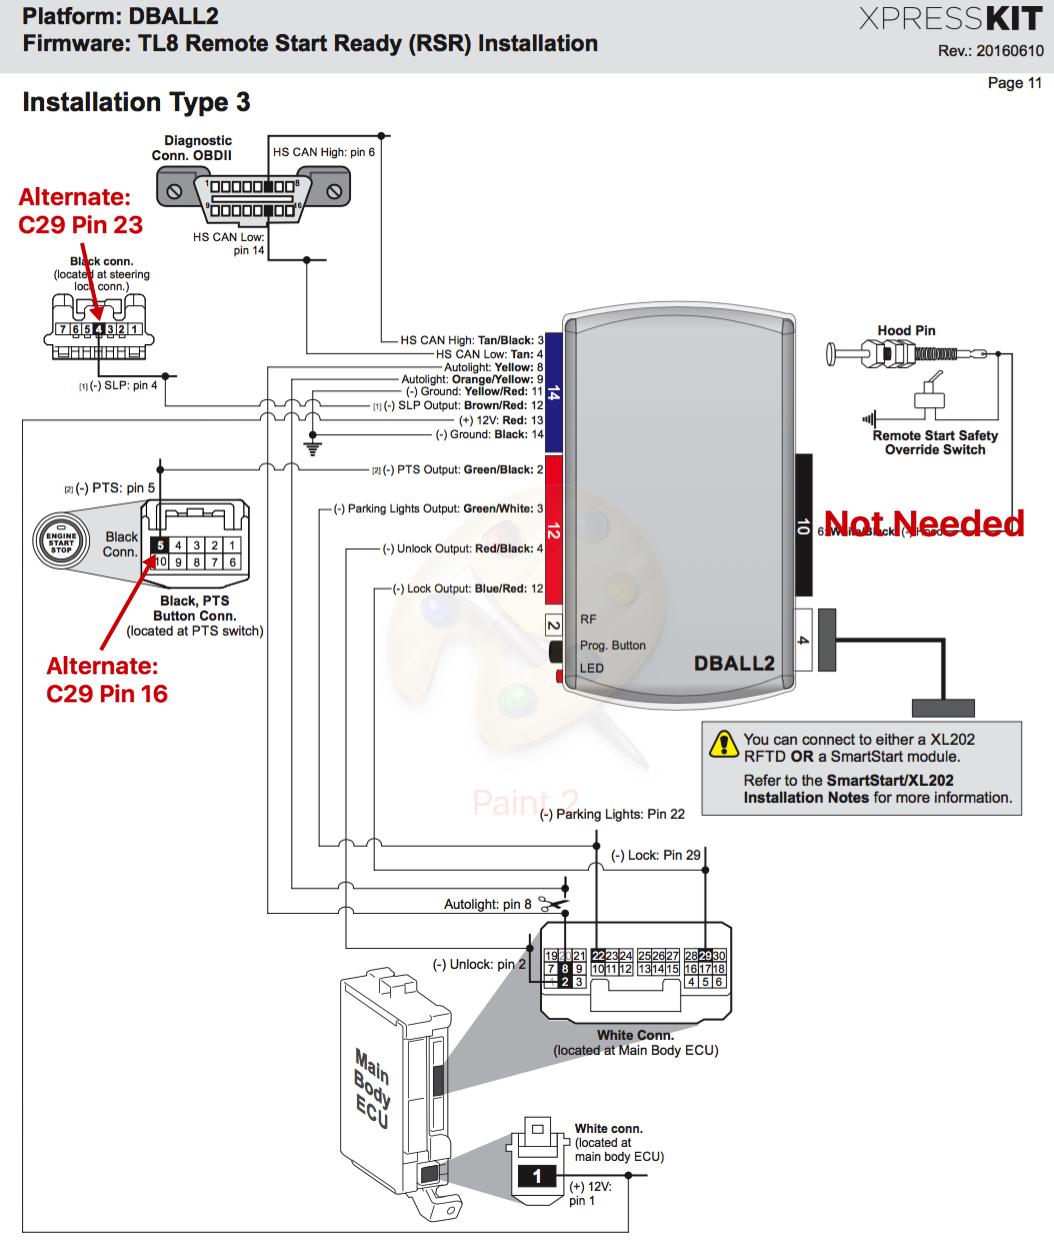 hight resolution of dei remote start wiring diagram tribute wiring diagram dball2dei remote start wiring diagram tribute wiring diagram